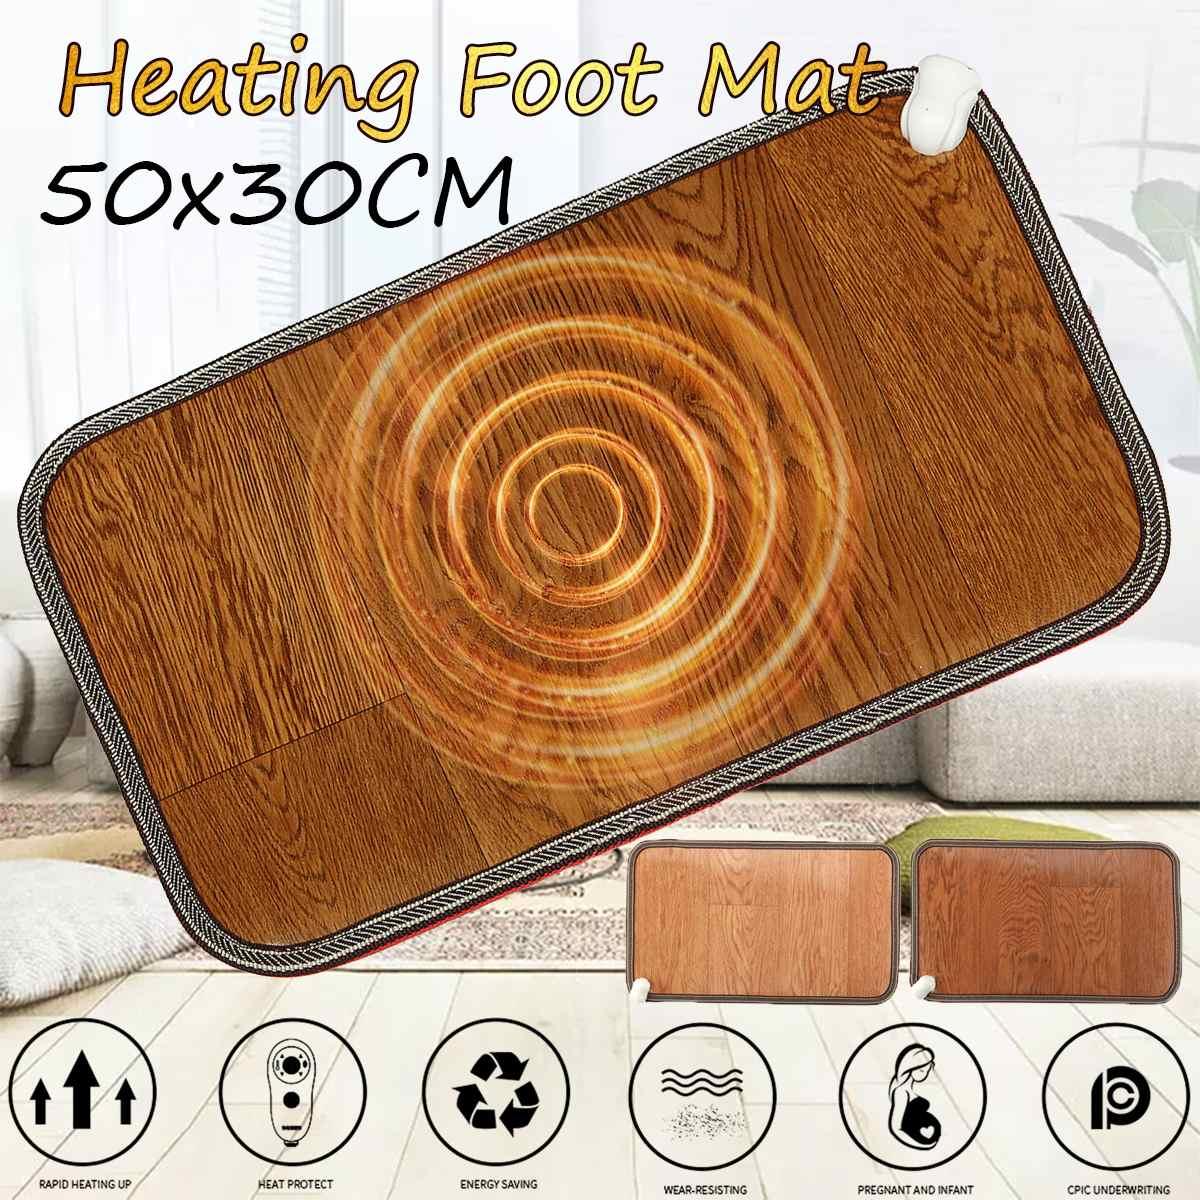 2 cor de aquecimento elétrico pé esteira inverno escritório casa aquecimento elétrico almofada quente pés termostato tapete couro aquecimento doméstico